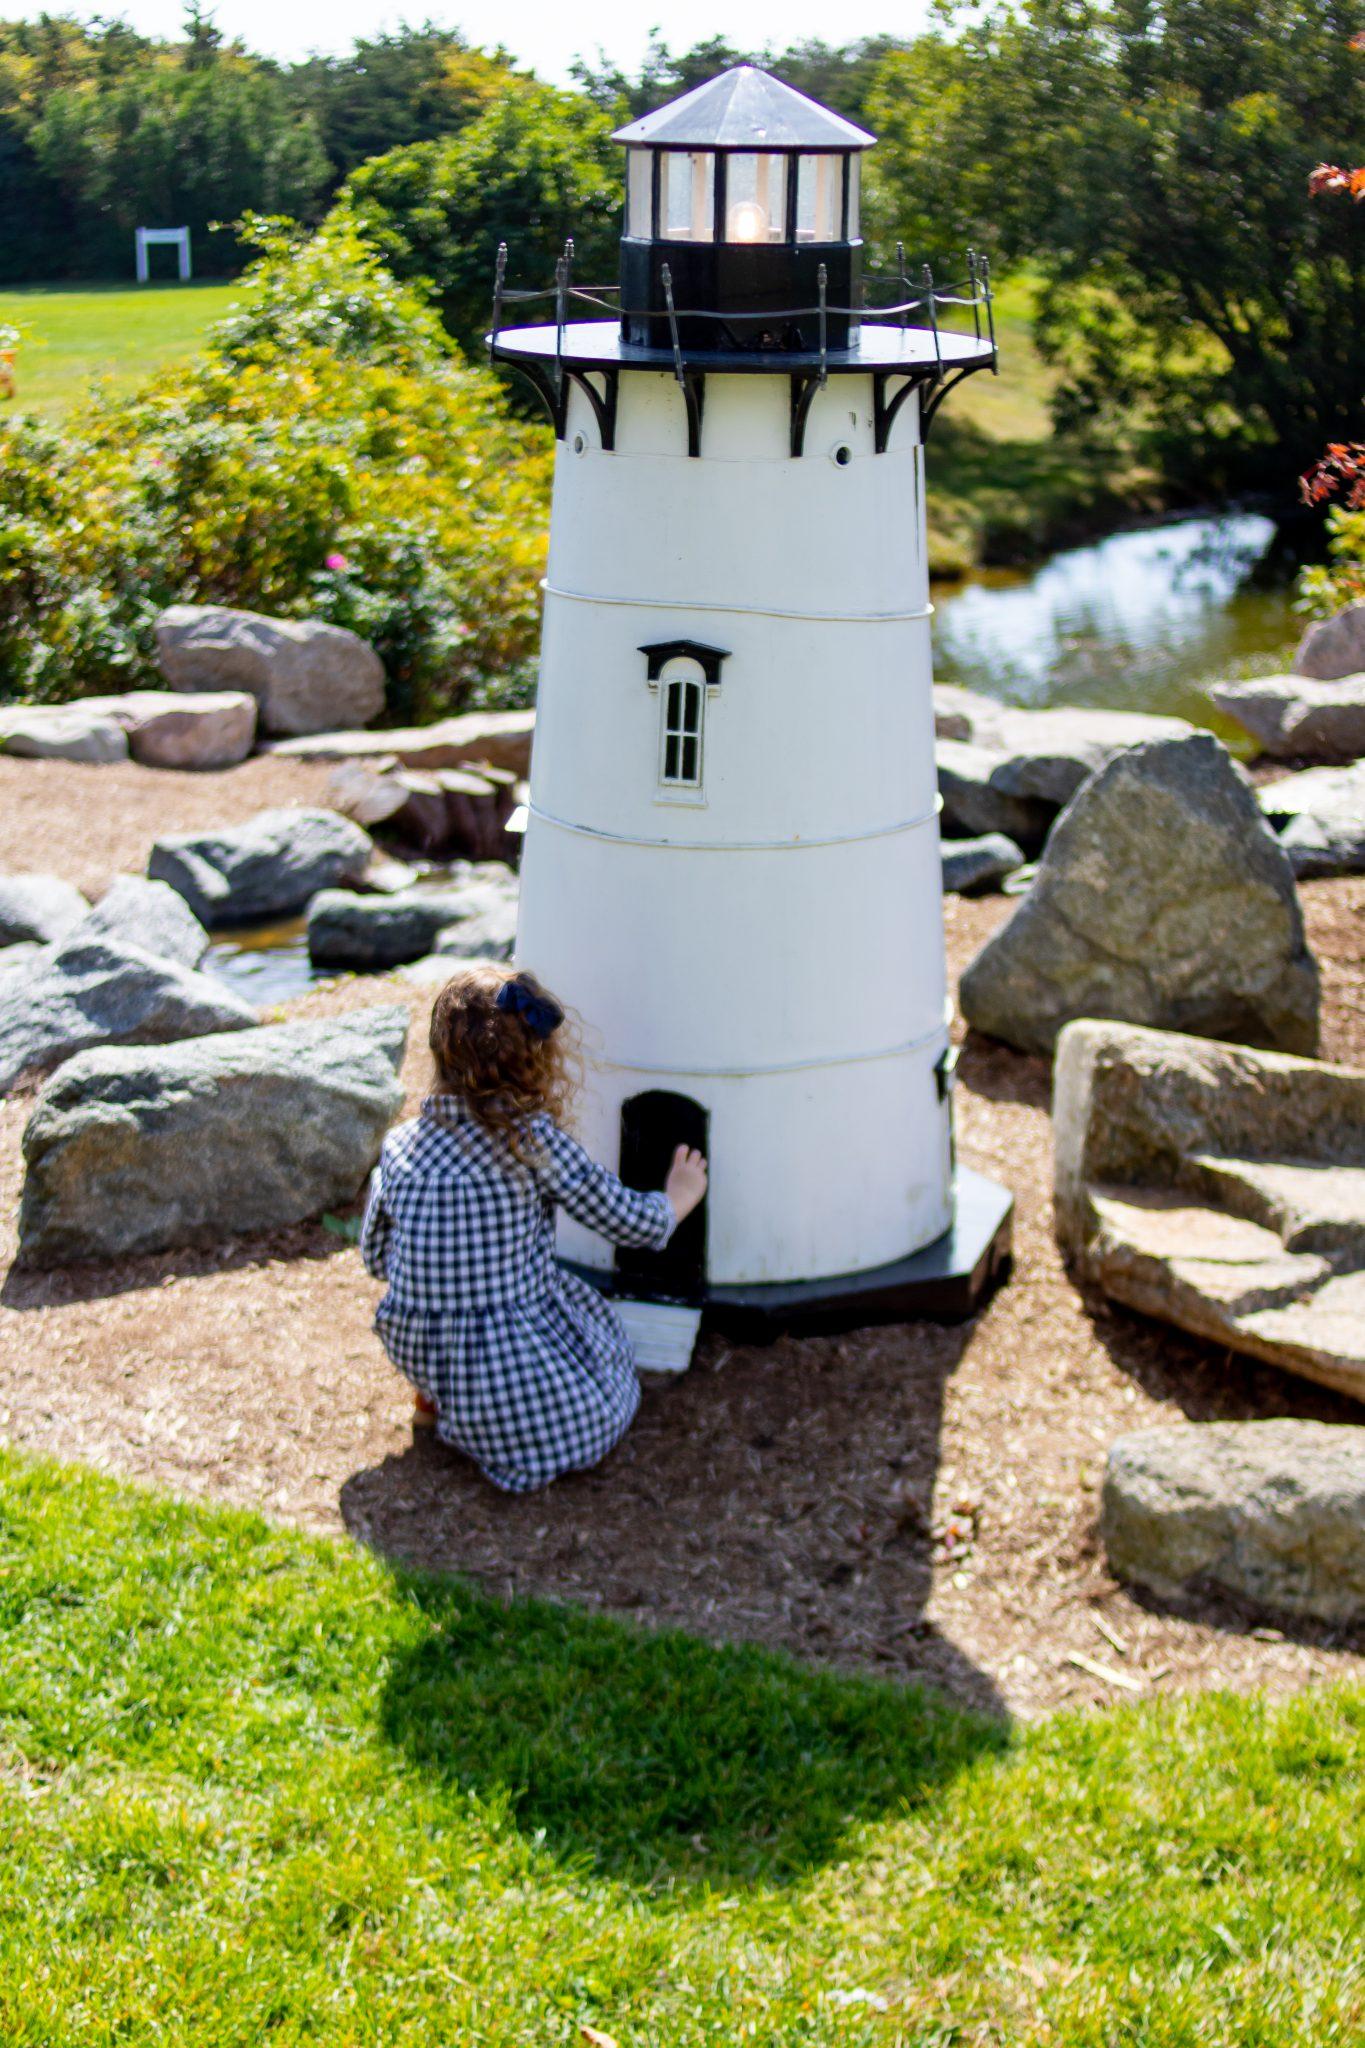 Little girl knocking on door of lighthouse at Winnetu